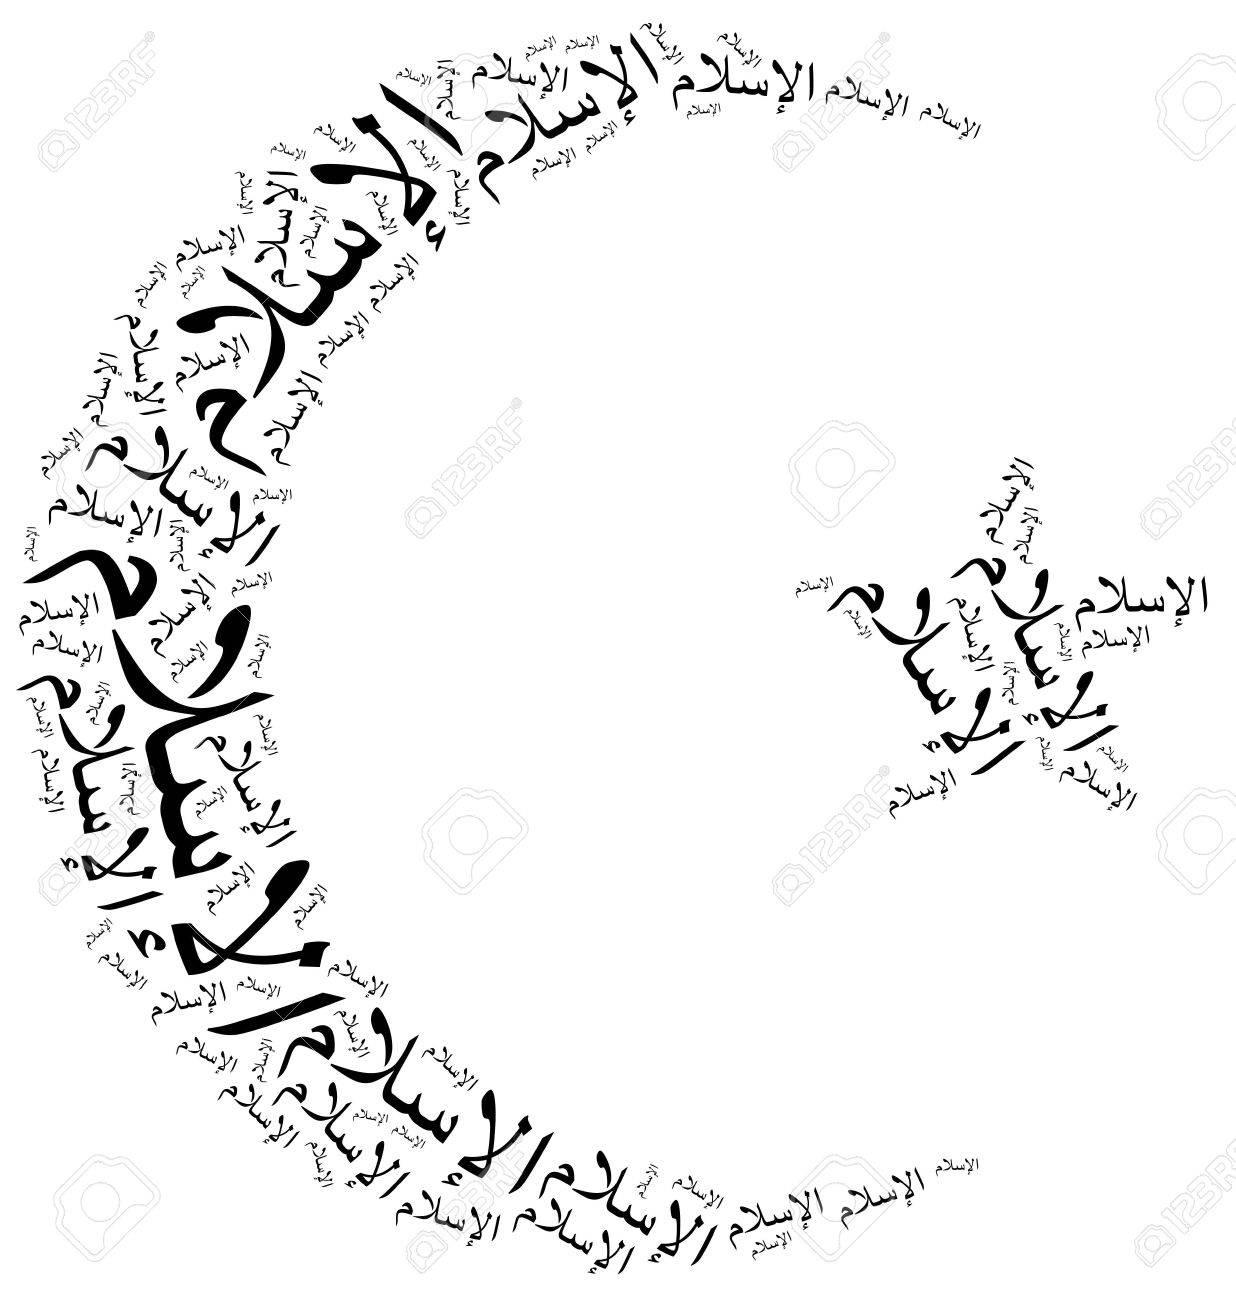 Símbolo De La Religión Del Islam. Ilustración De La Nube De Word ...